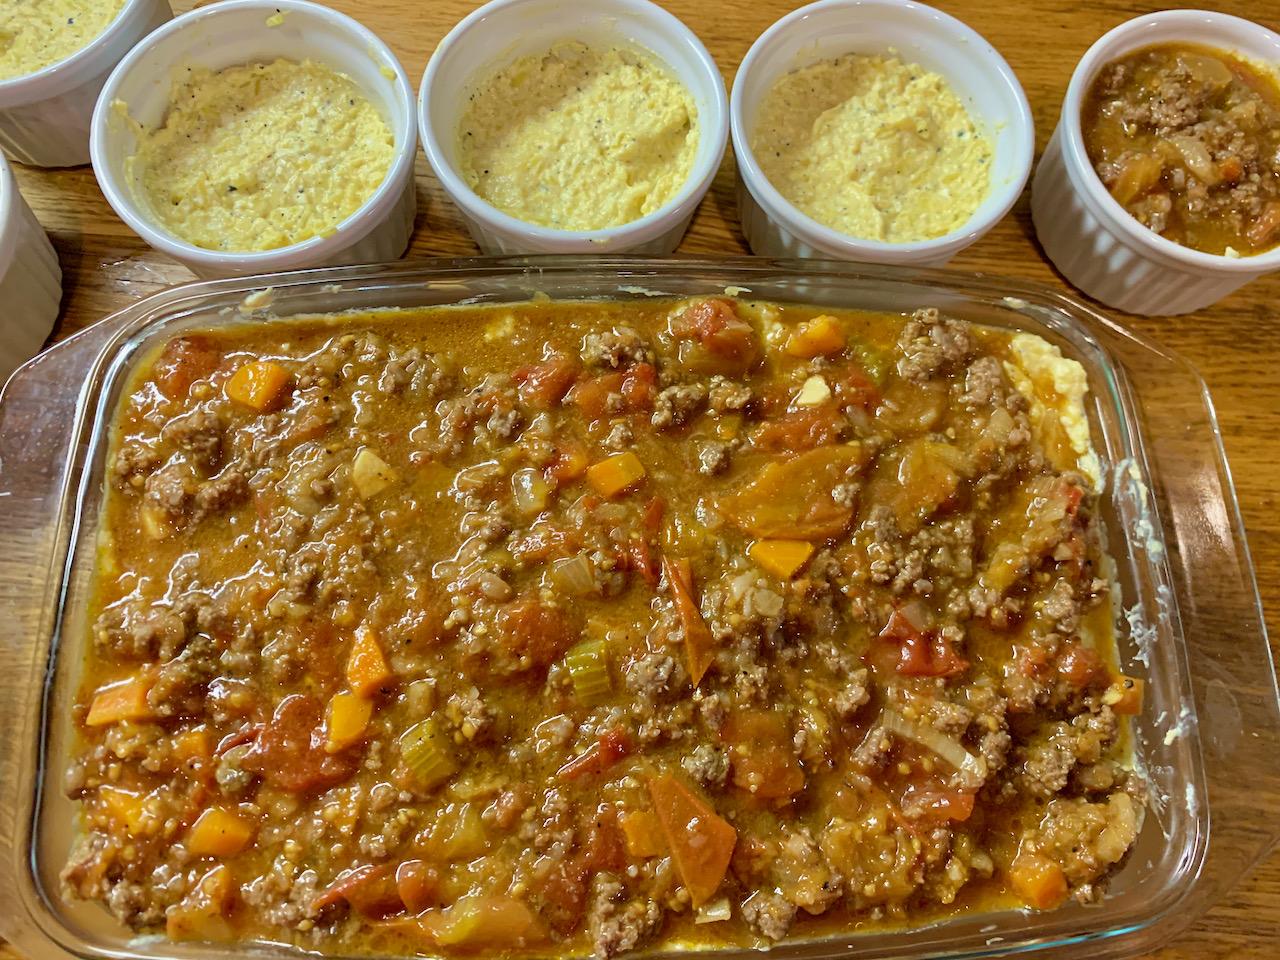 spaghetti squash Spagetikõrvits gluteenivaba suhkruvaba low carb pasta bolognesse trühvli musta torbikseene lasagne